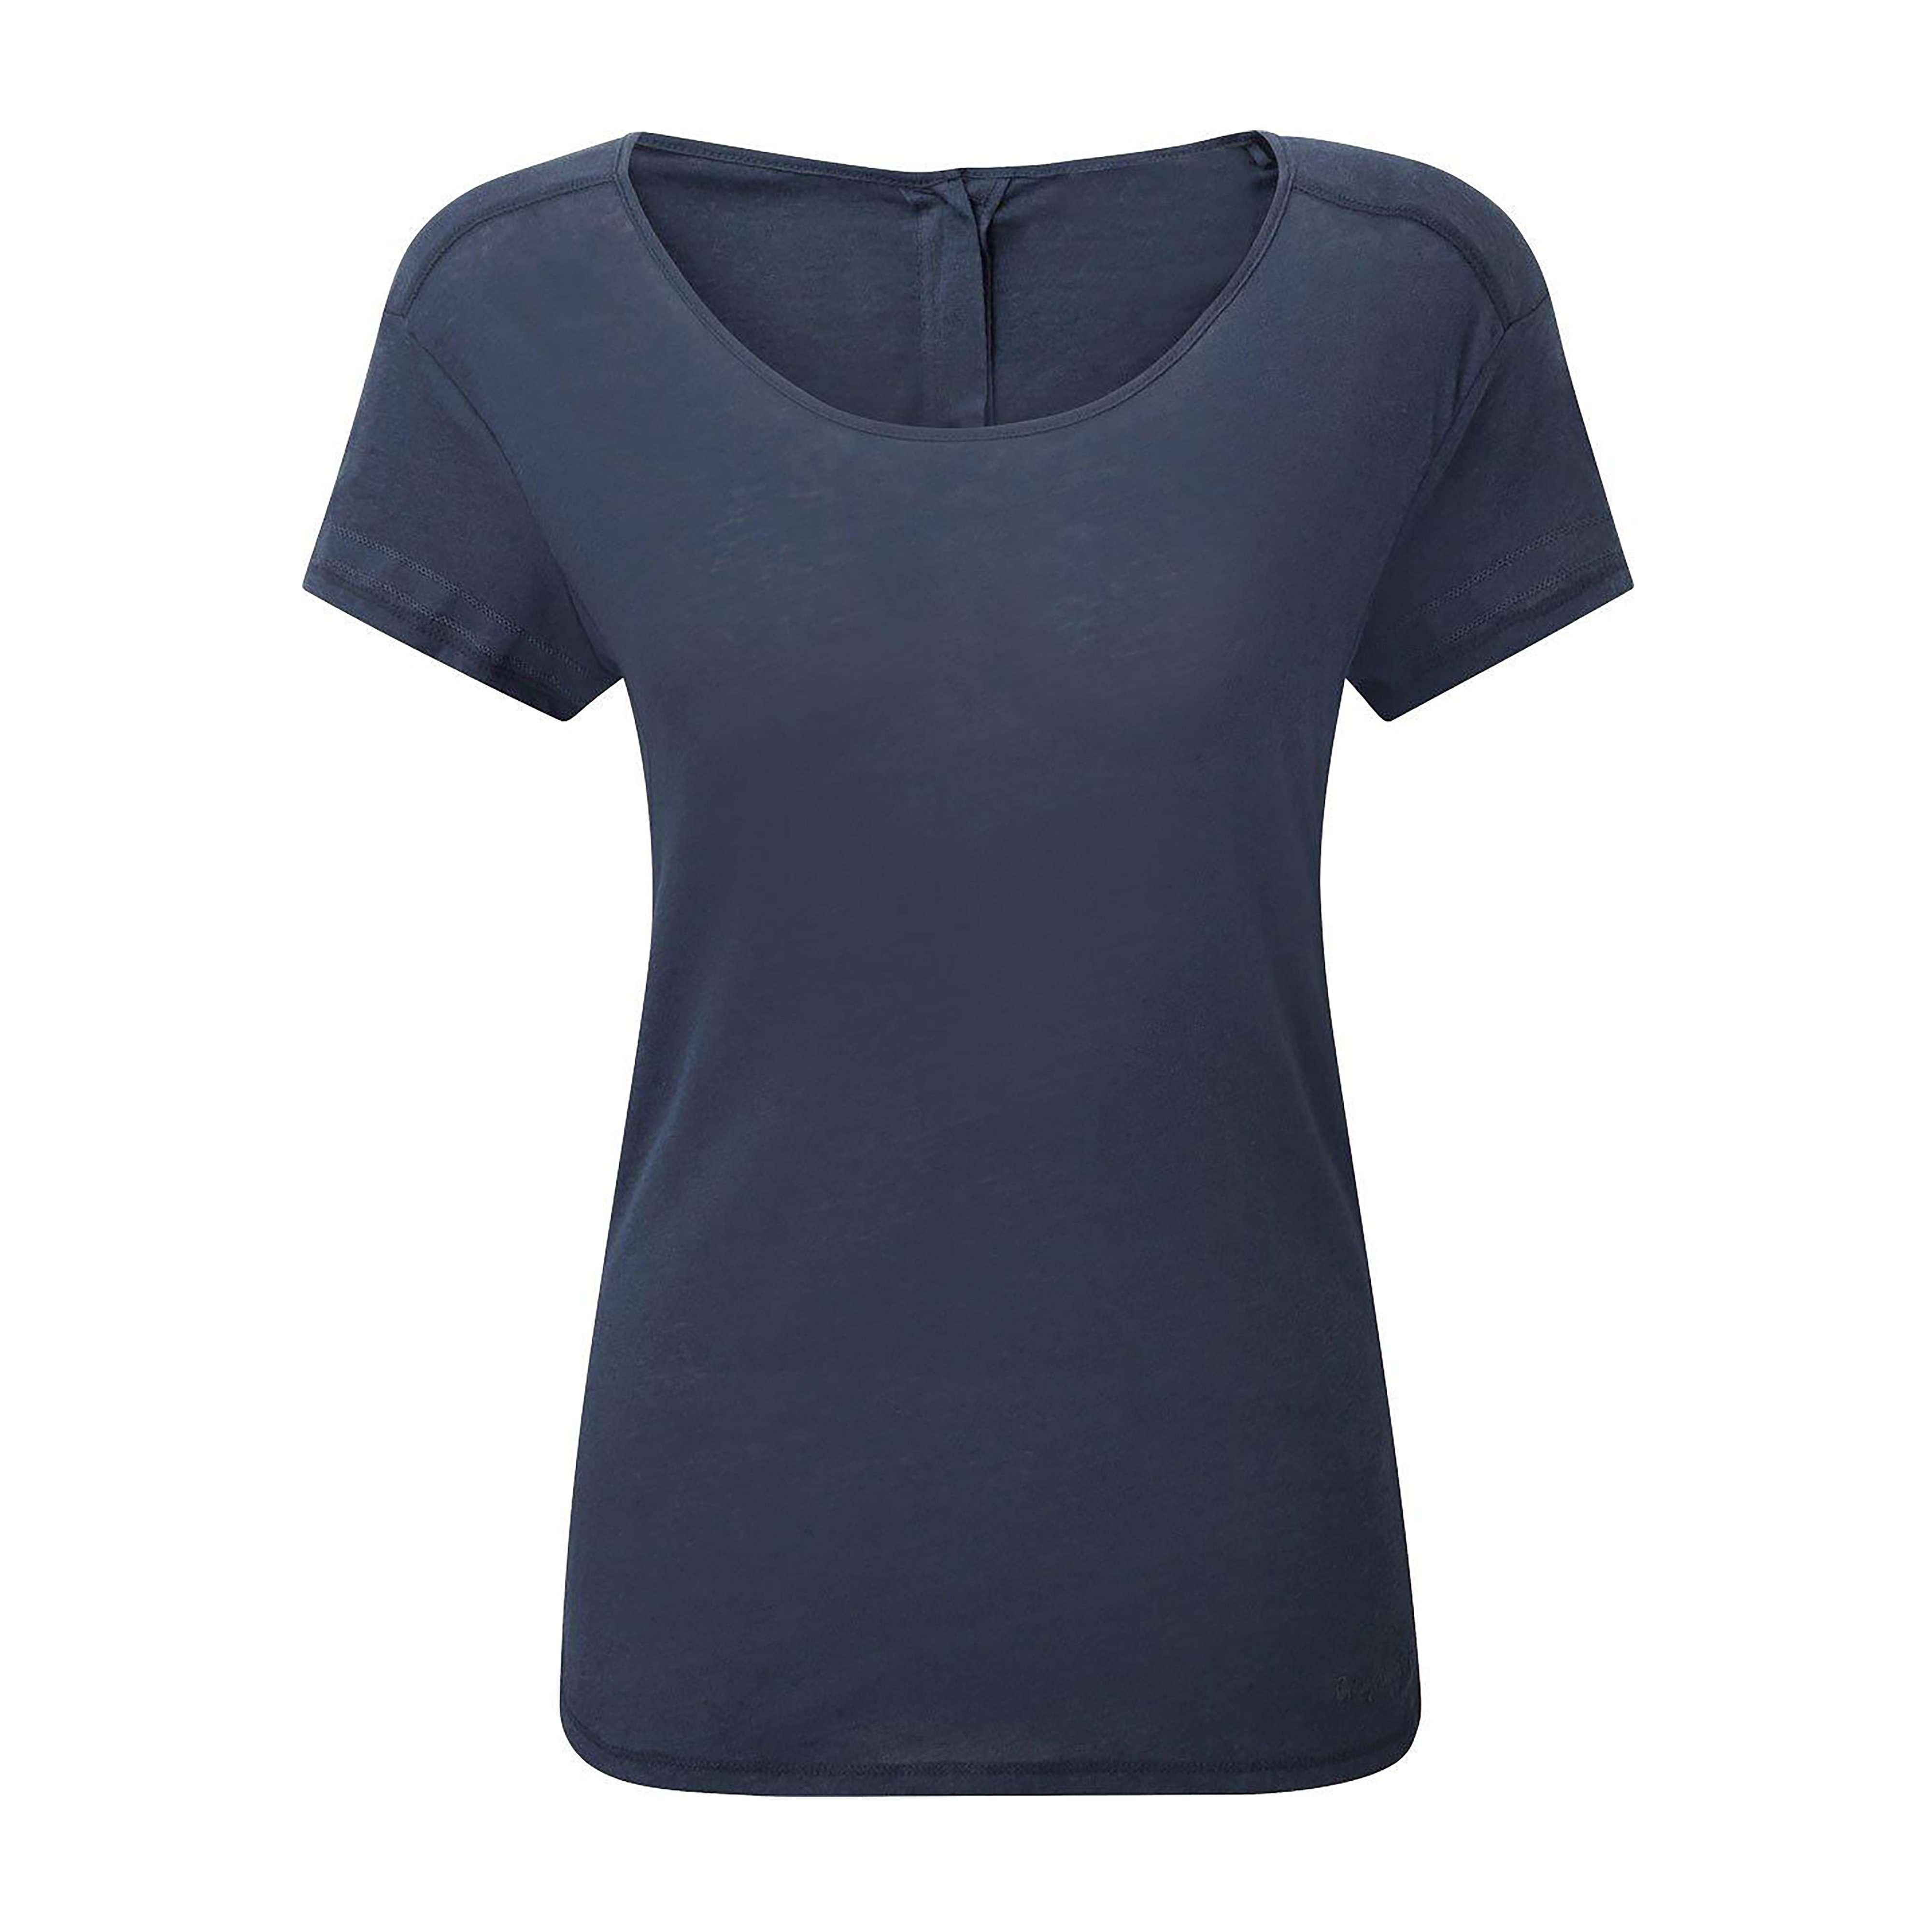 CRAGHOPPERS Women's Thea Short Sleeved T-Shirt